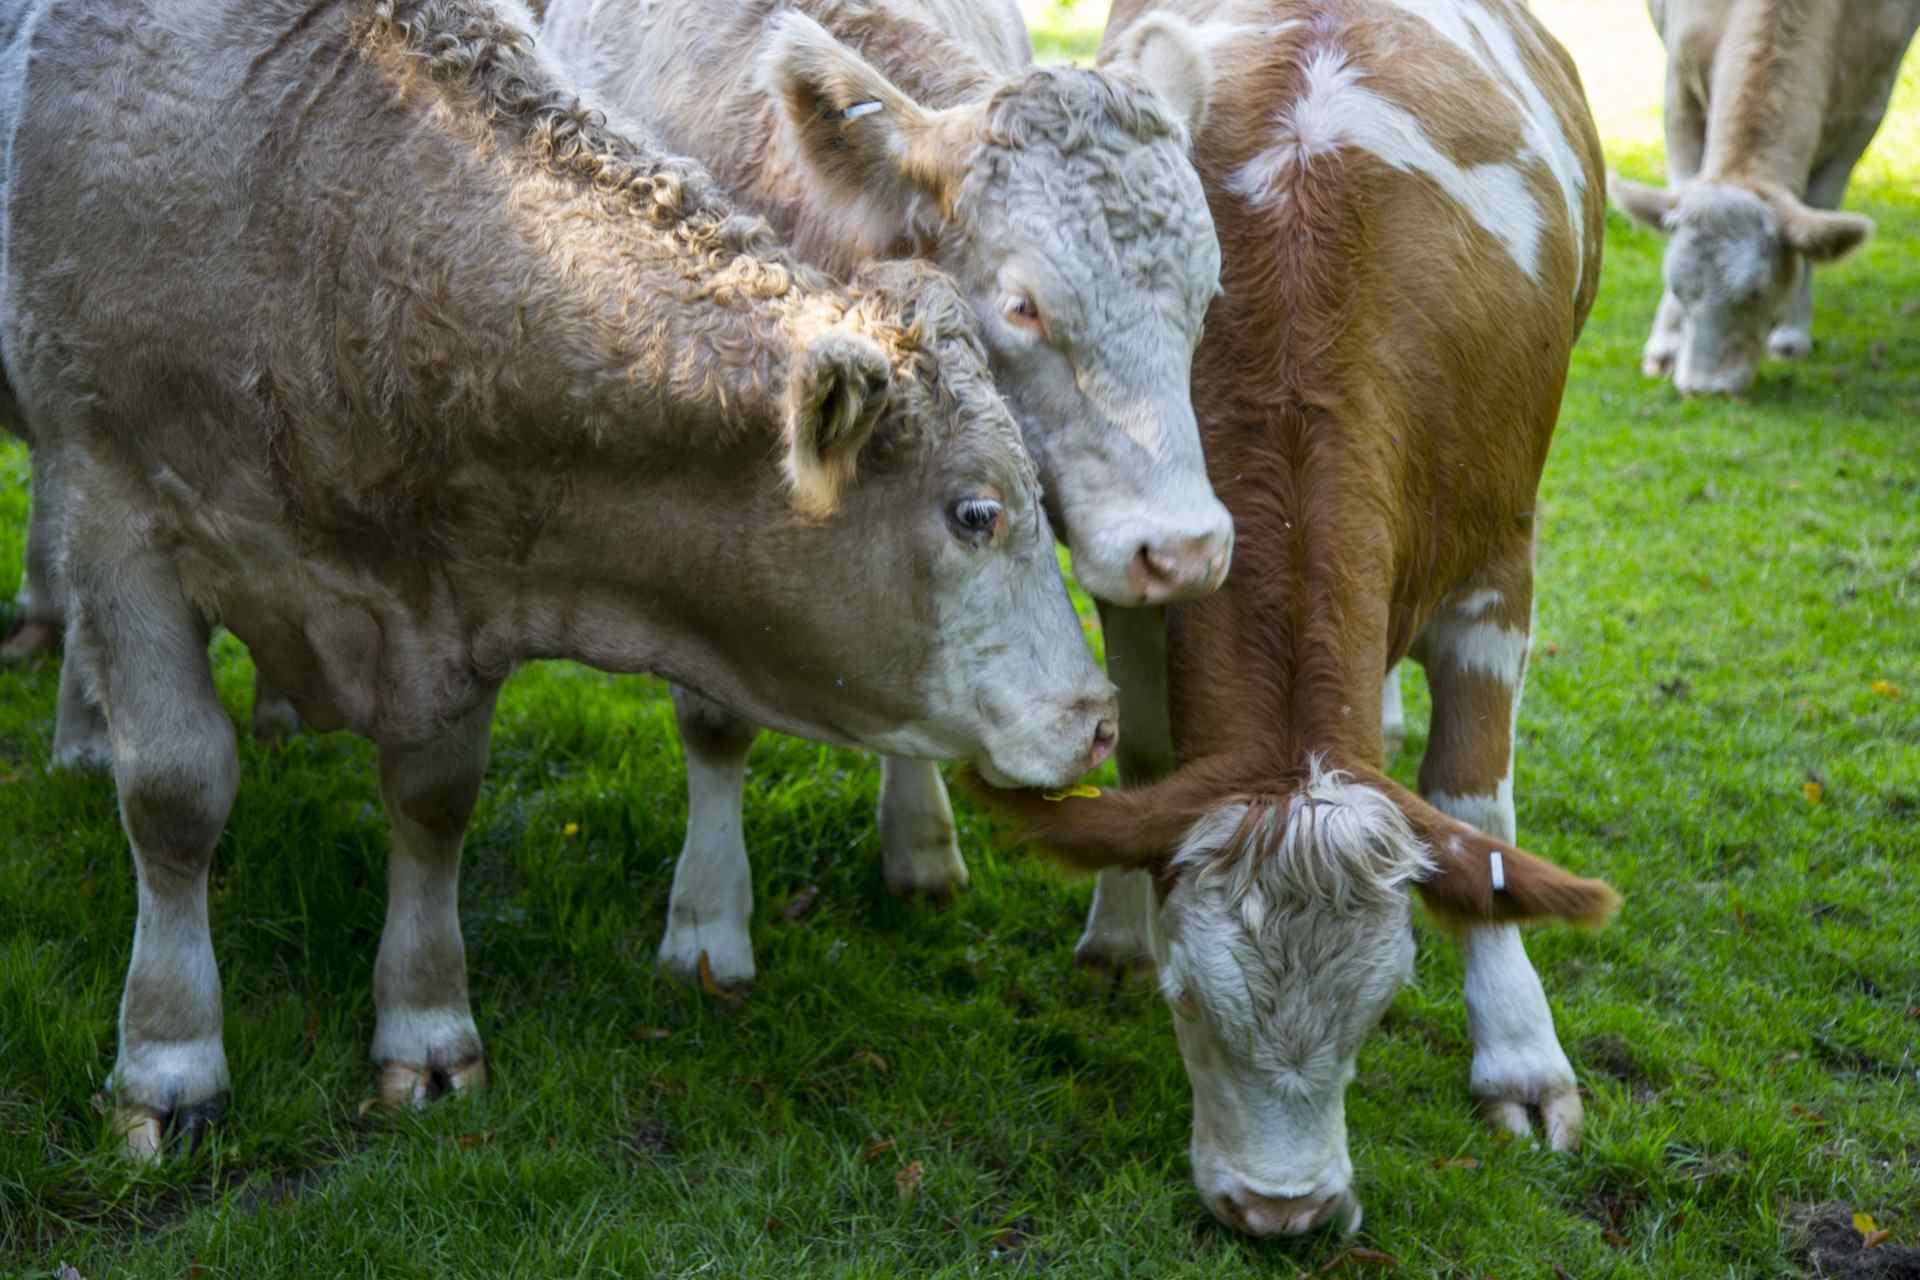 呆萌的荷兰奶牛高清摄影图片